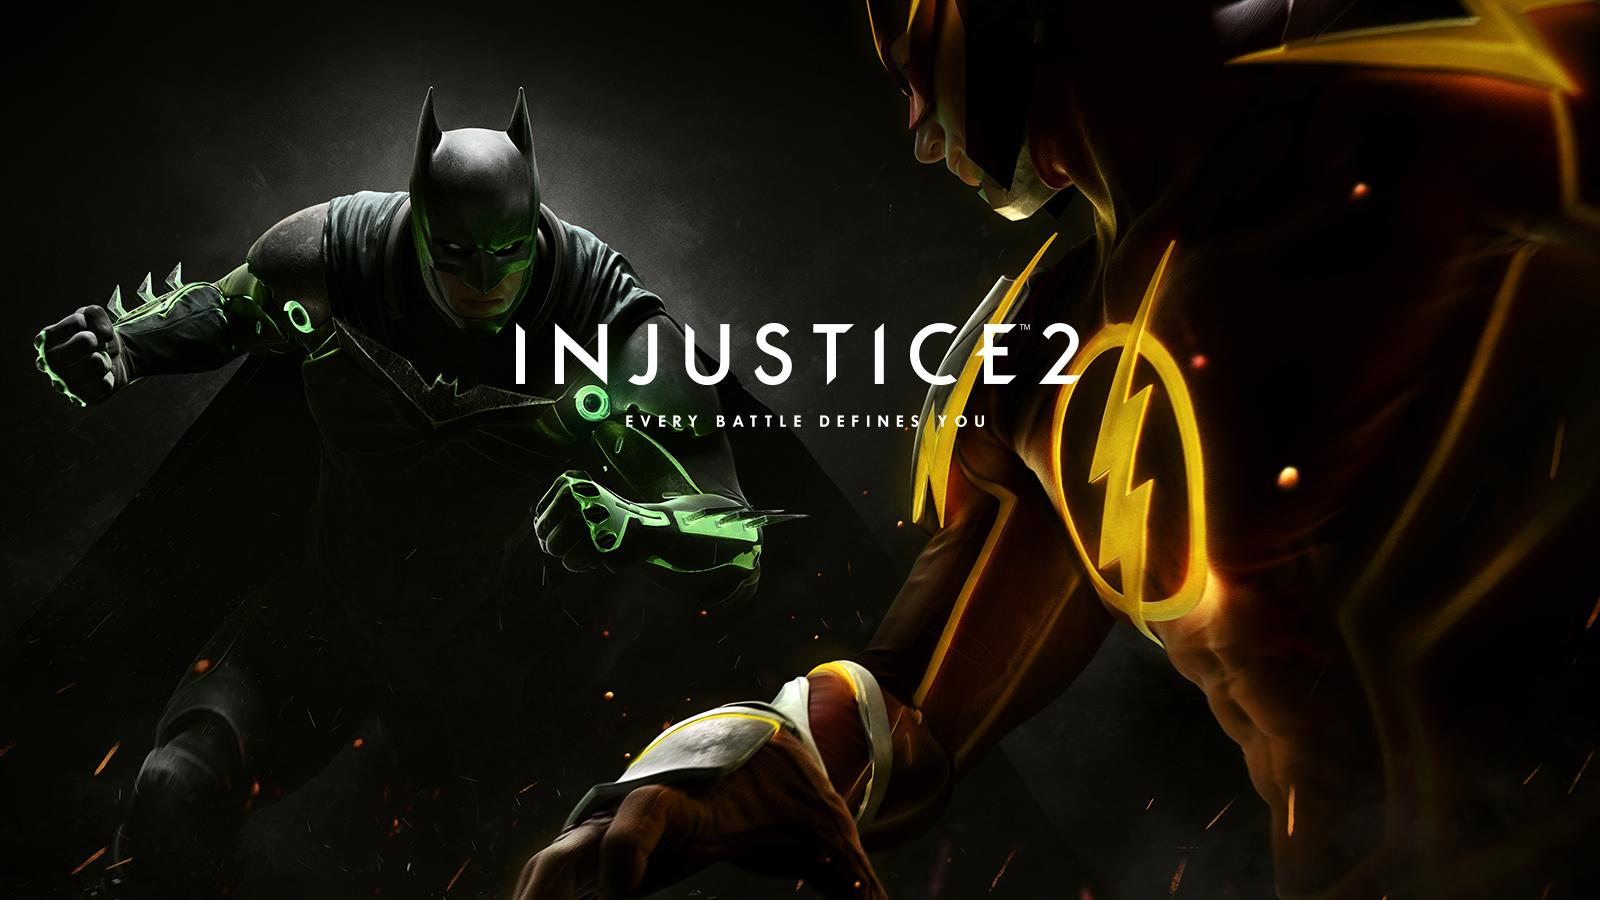 تریلر هنگام عرضه عنوان Injustice 2 – Legendary Edition منتشر شد